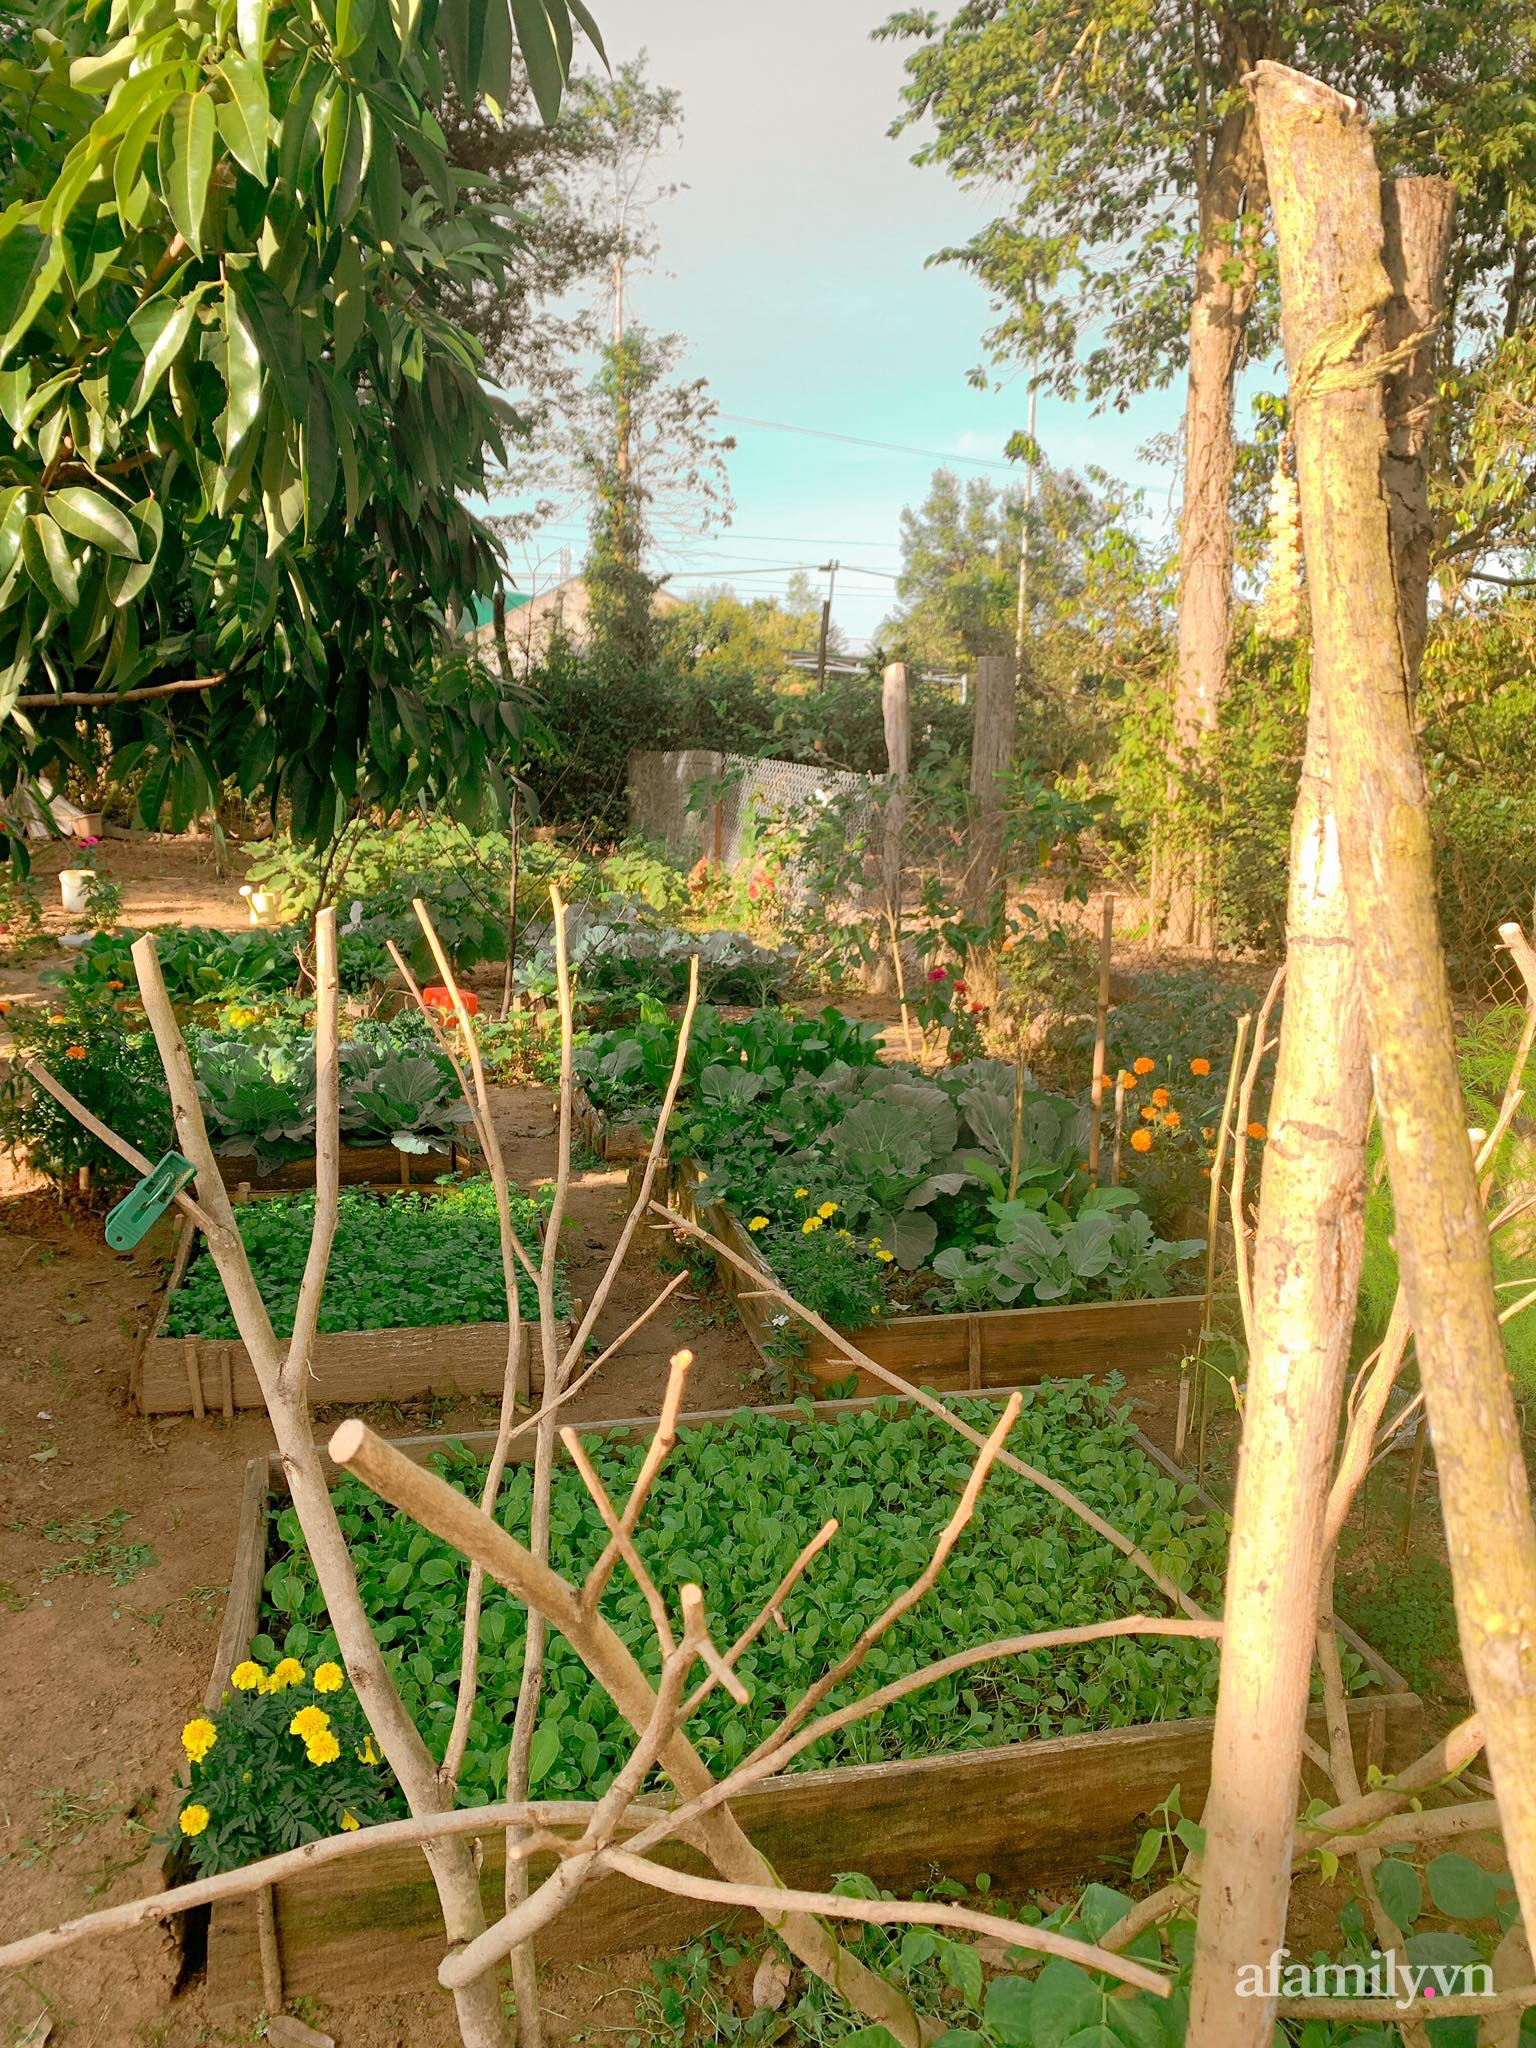 Chán cuộc sống bon chen ở phố, cặp vợ chồng 9X có thu nhập ổn định quyết định chọn về quê sống bình yên bên vườn tược ở Đắk Lắk - Ảnh 11.